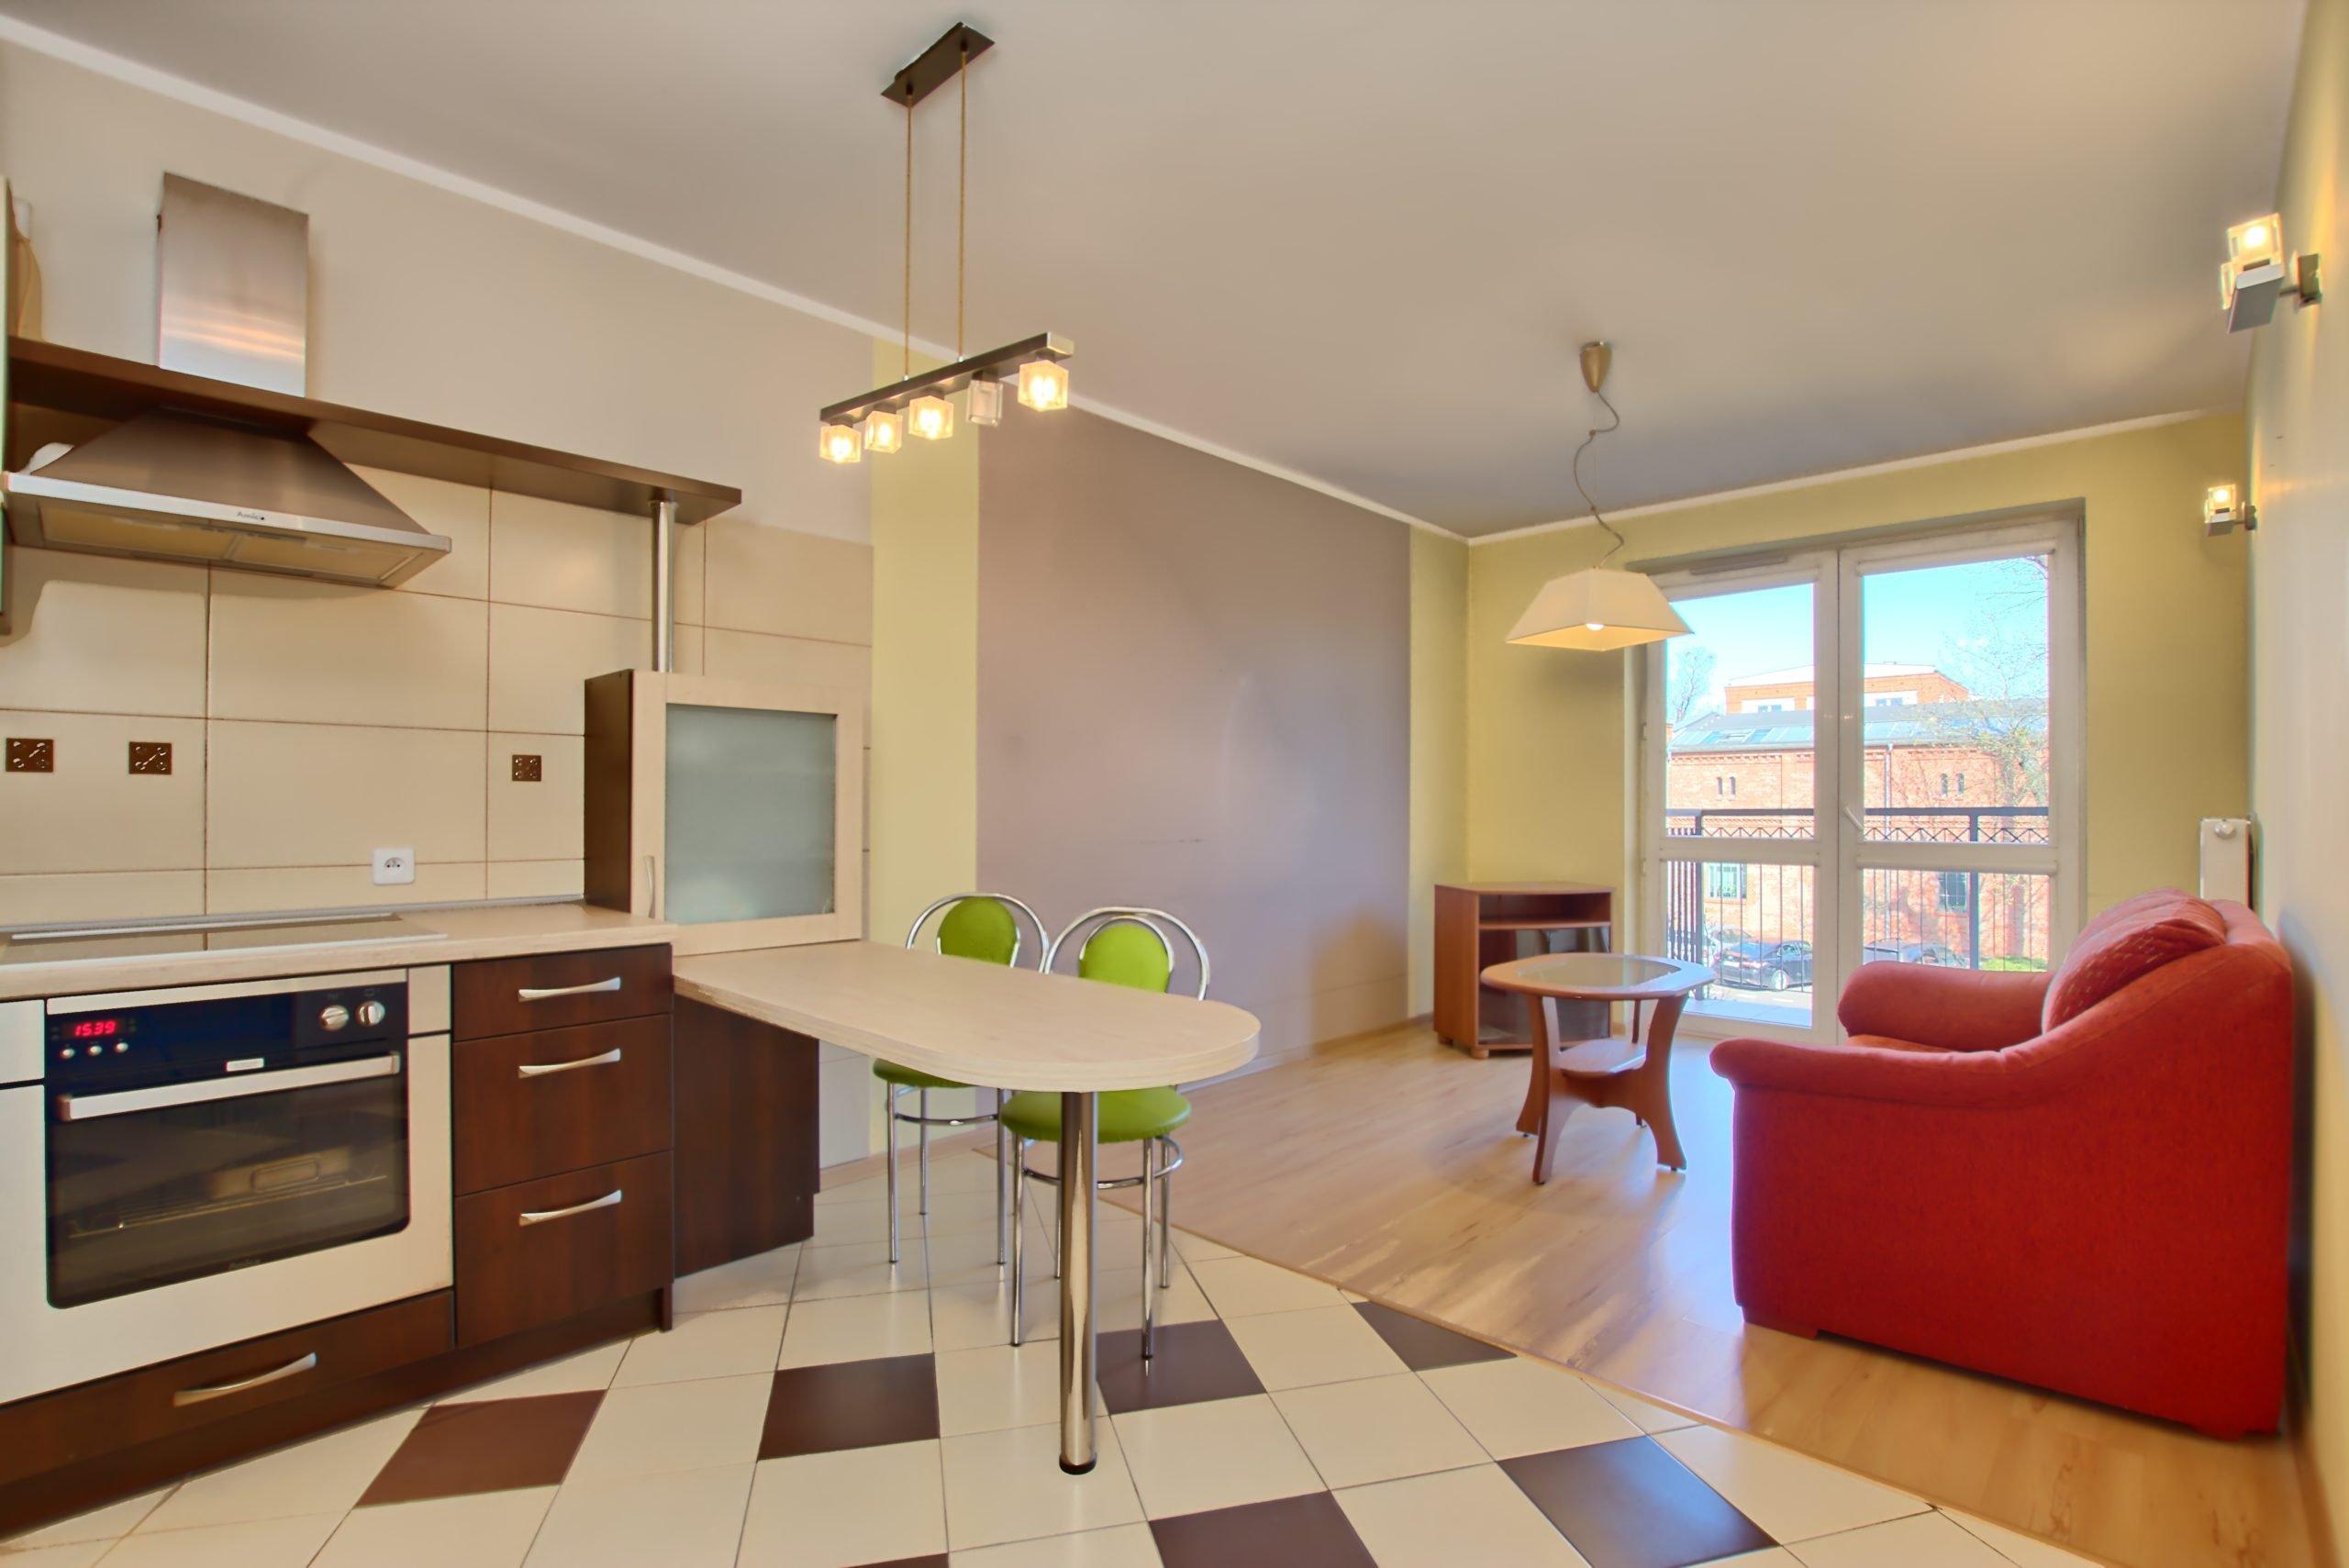 2 pokojowe mieszkanie na WYNAJEM w prestiżowej lokalizacji na Grunwaldzie